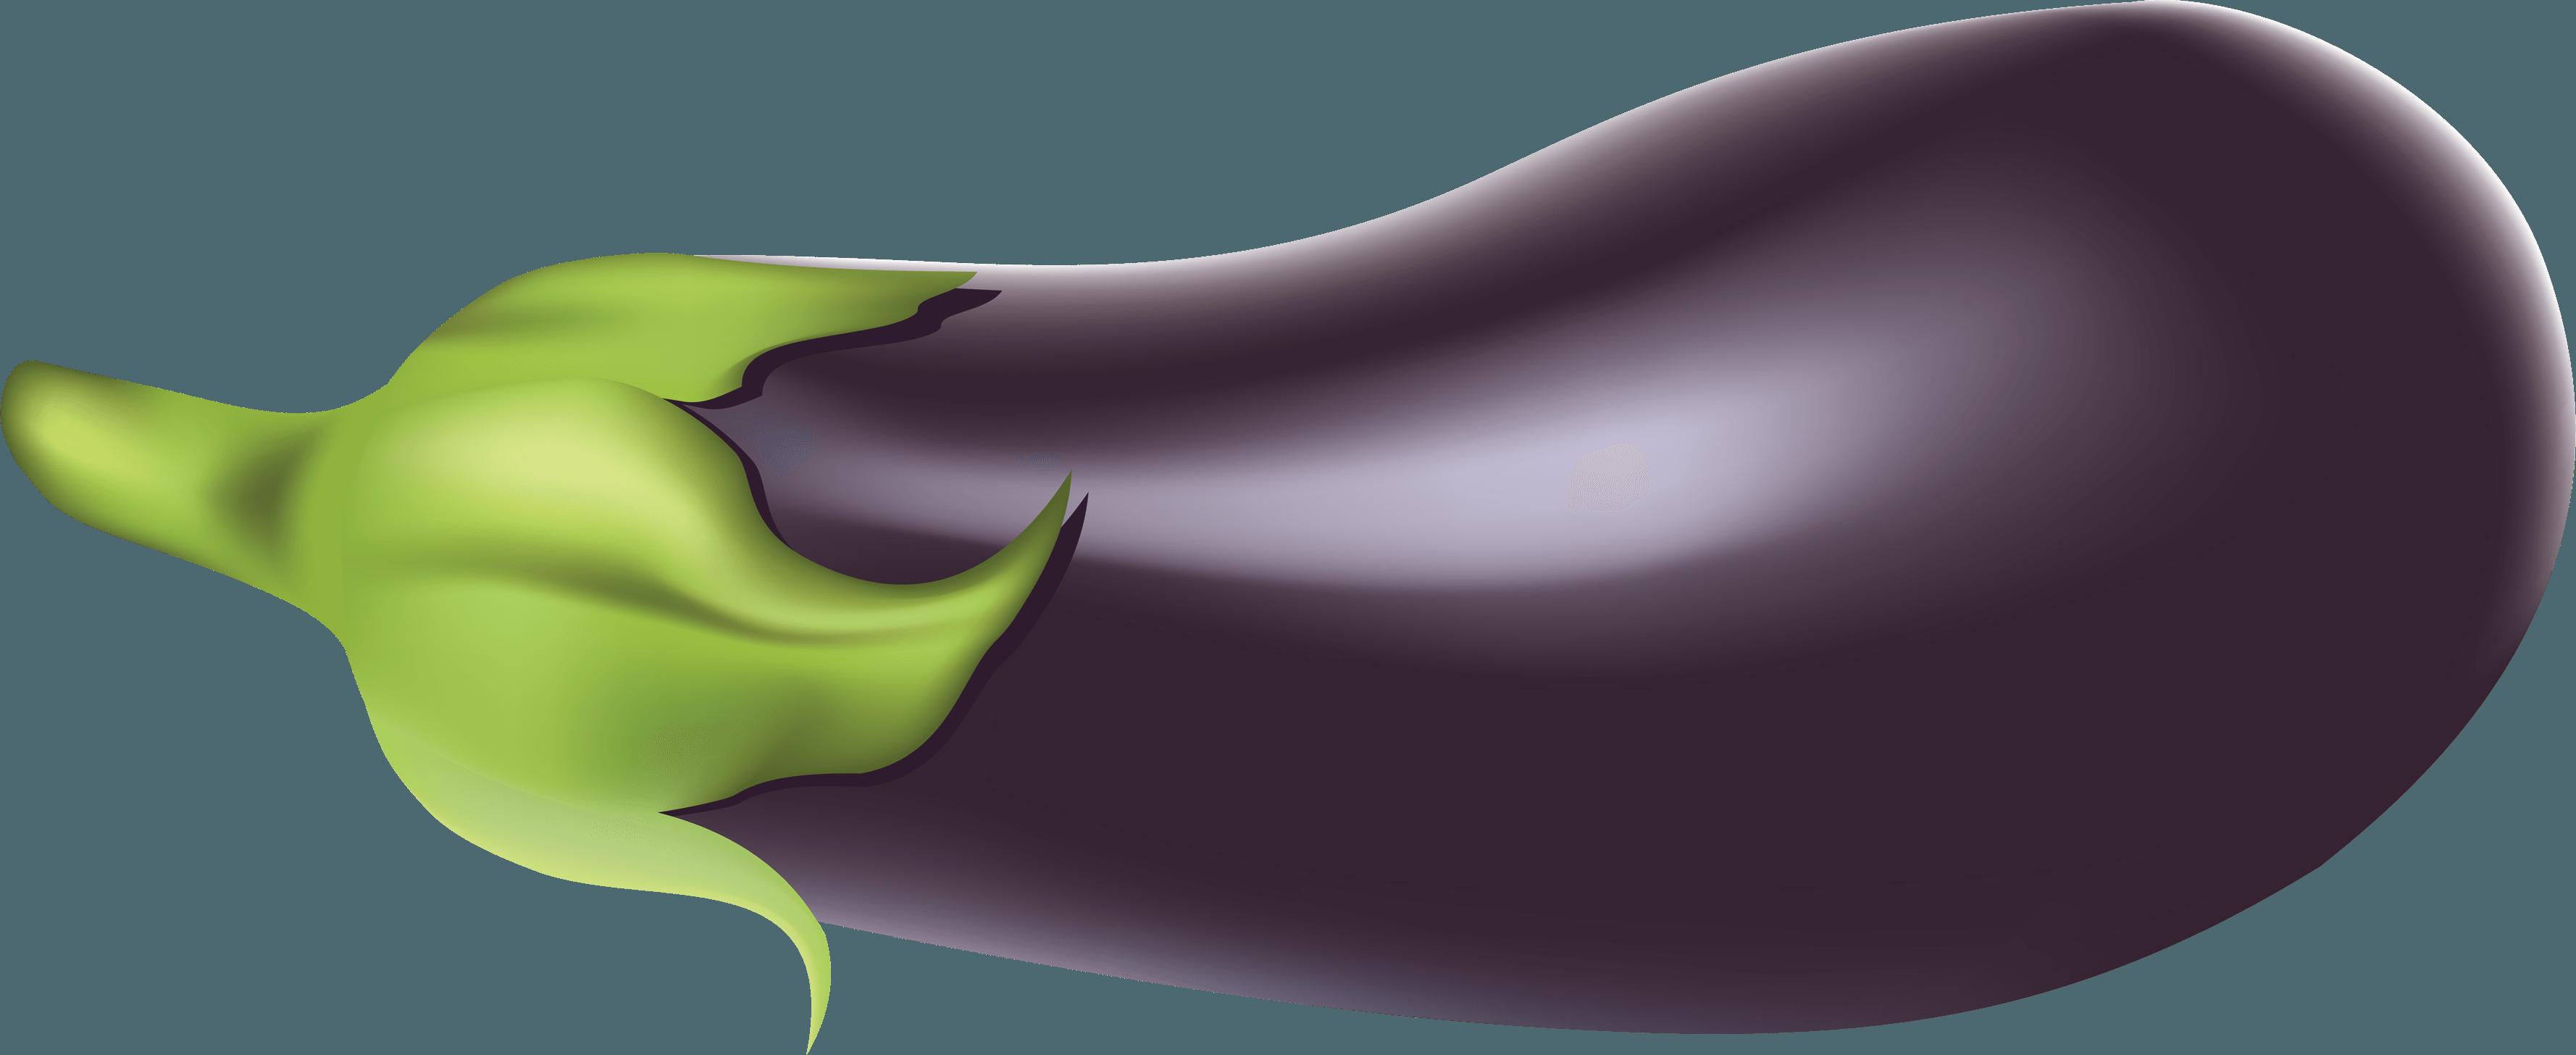 Eggplant PNG - 24051